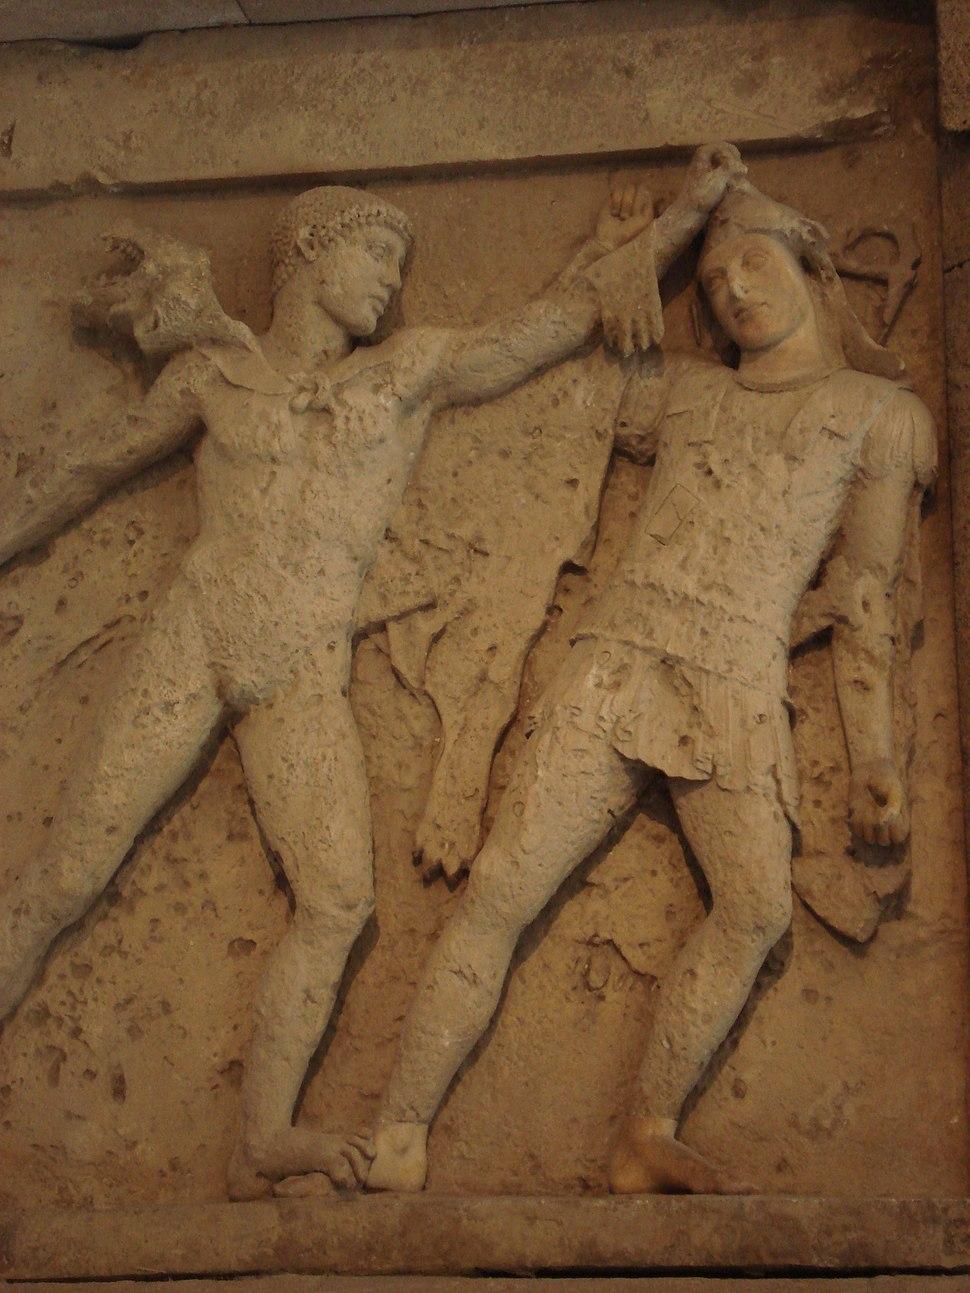 DSC00409 - Tempio E di Selinunte - Eracle ed Amazzone - Ca. 450 a.C. - Foto G. Dall'Orto